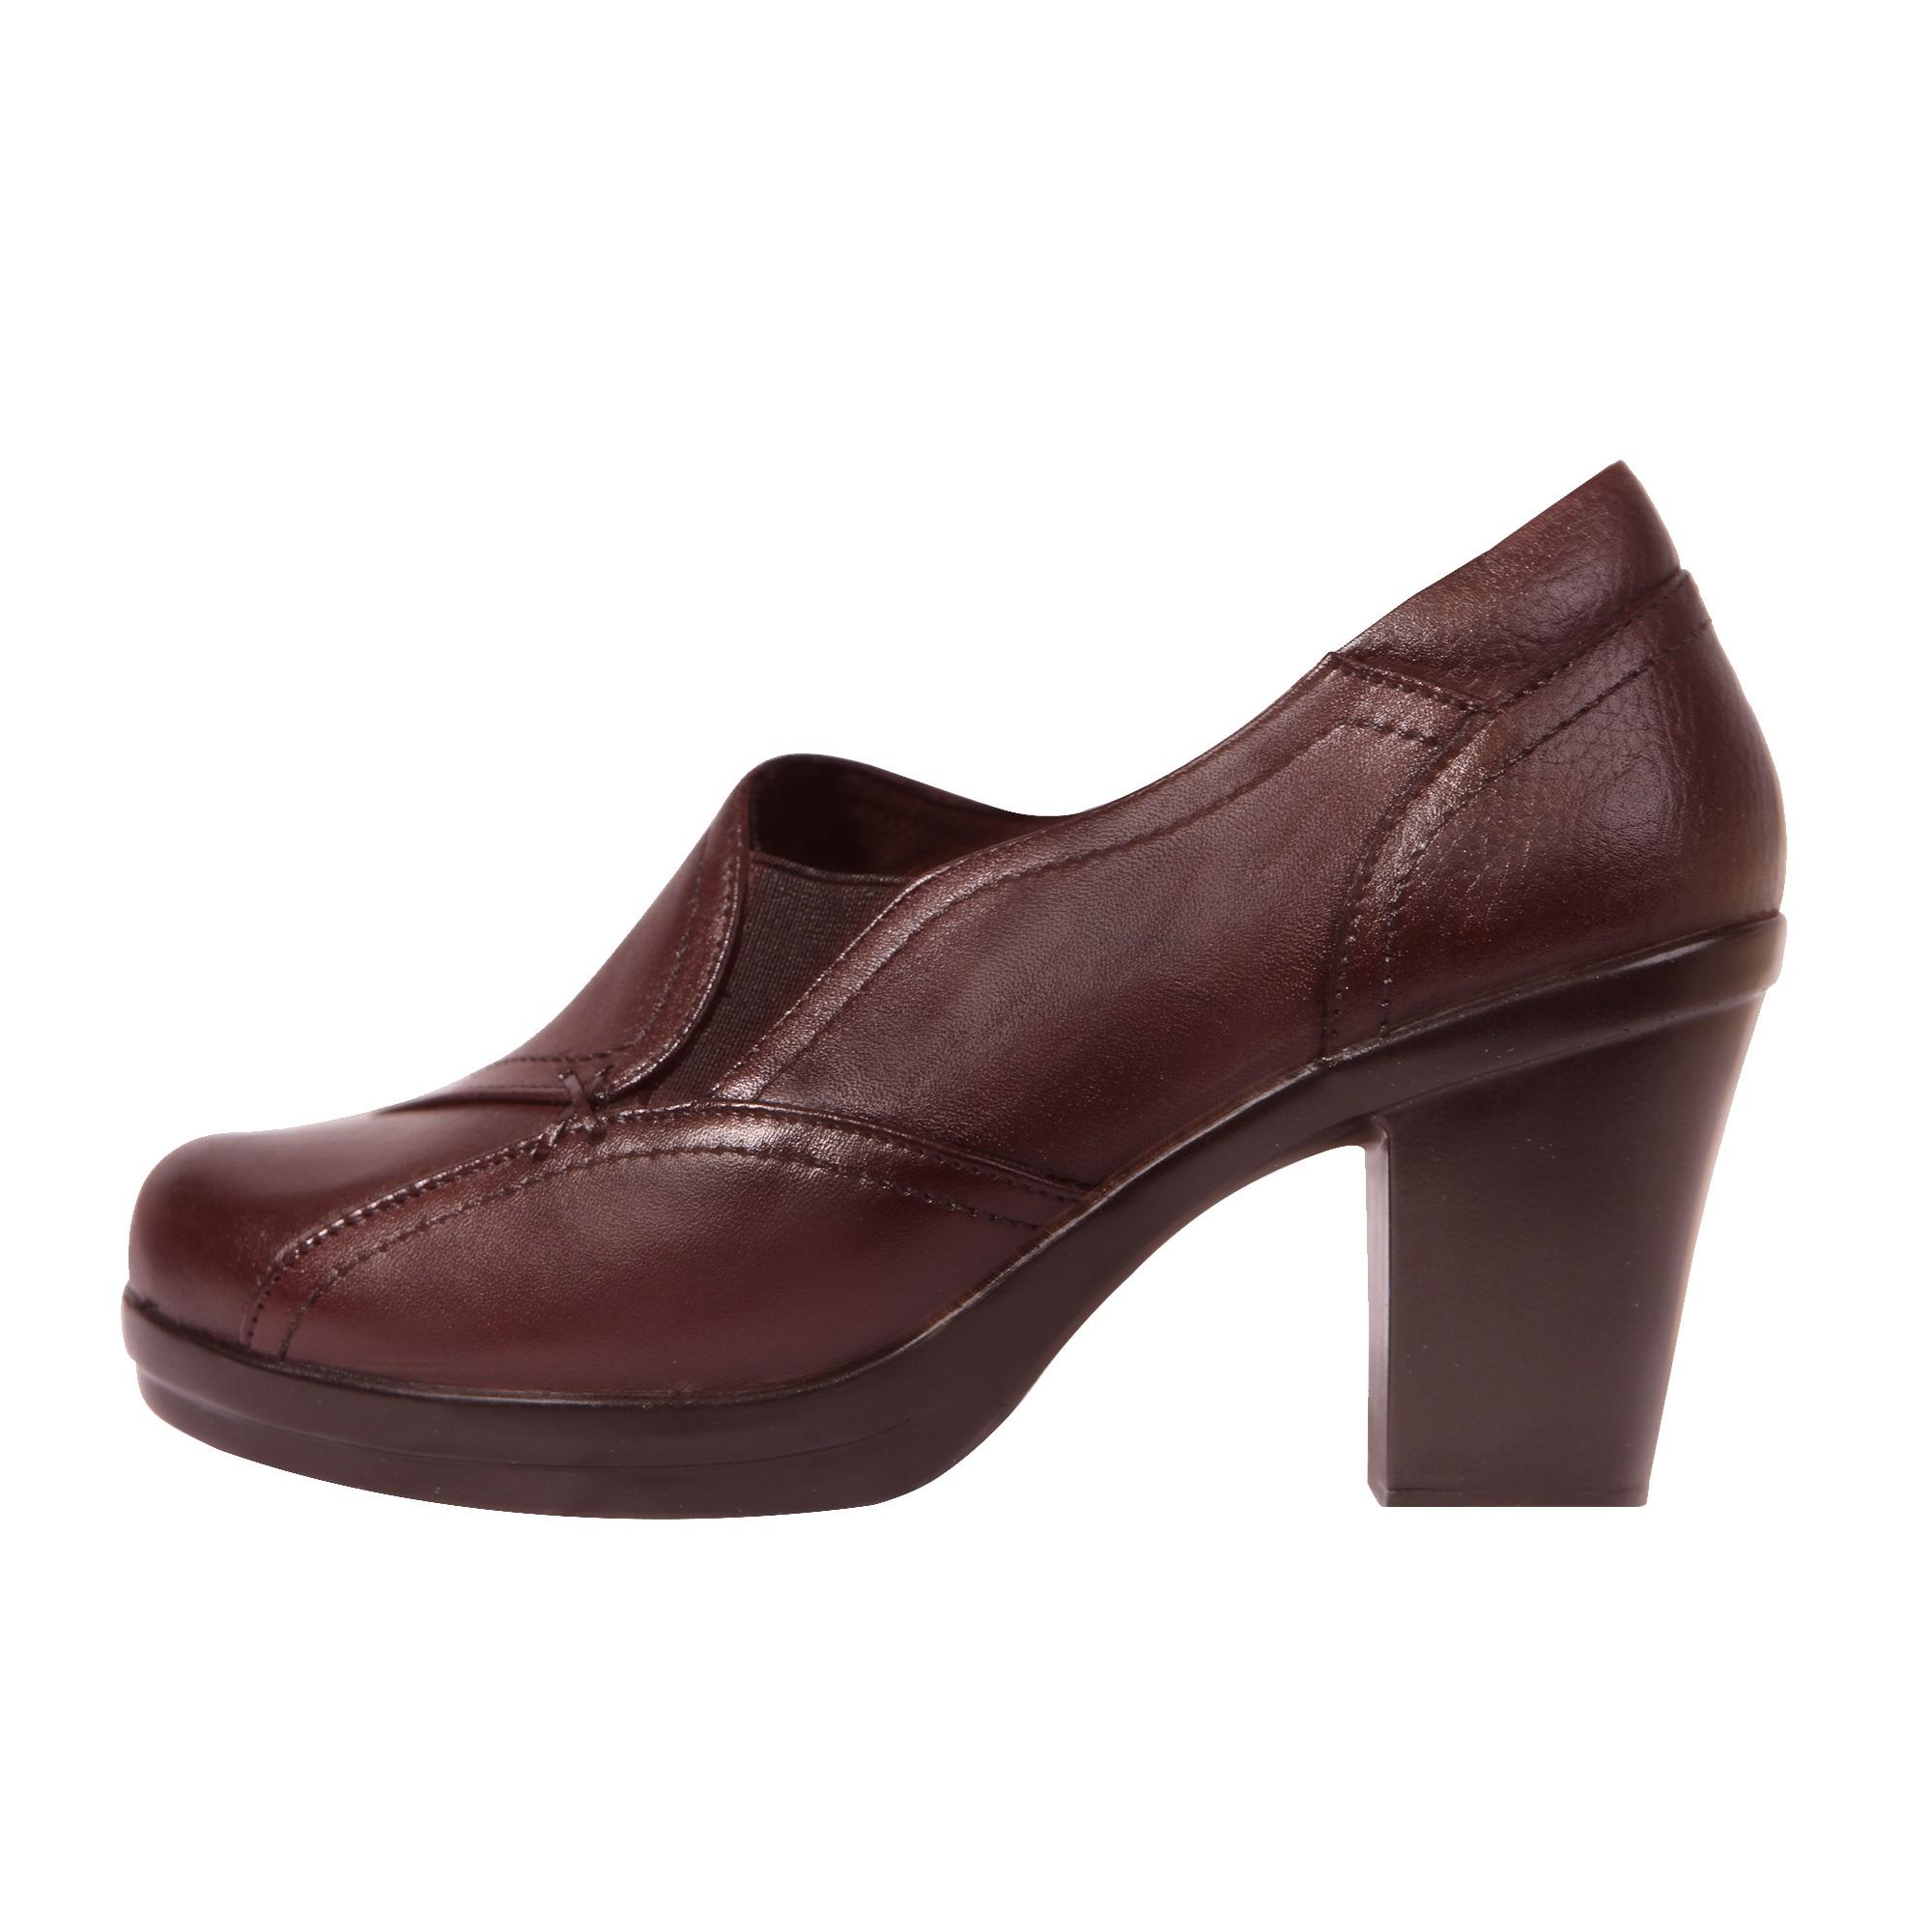 خرید                      کفش زنانه روشن مدل گلشن کد 02